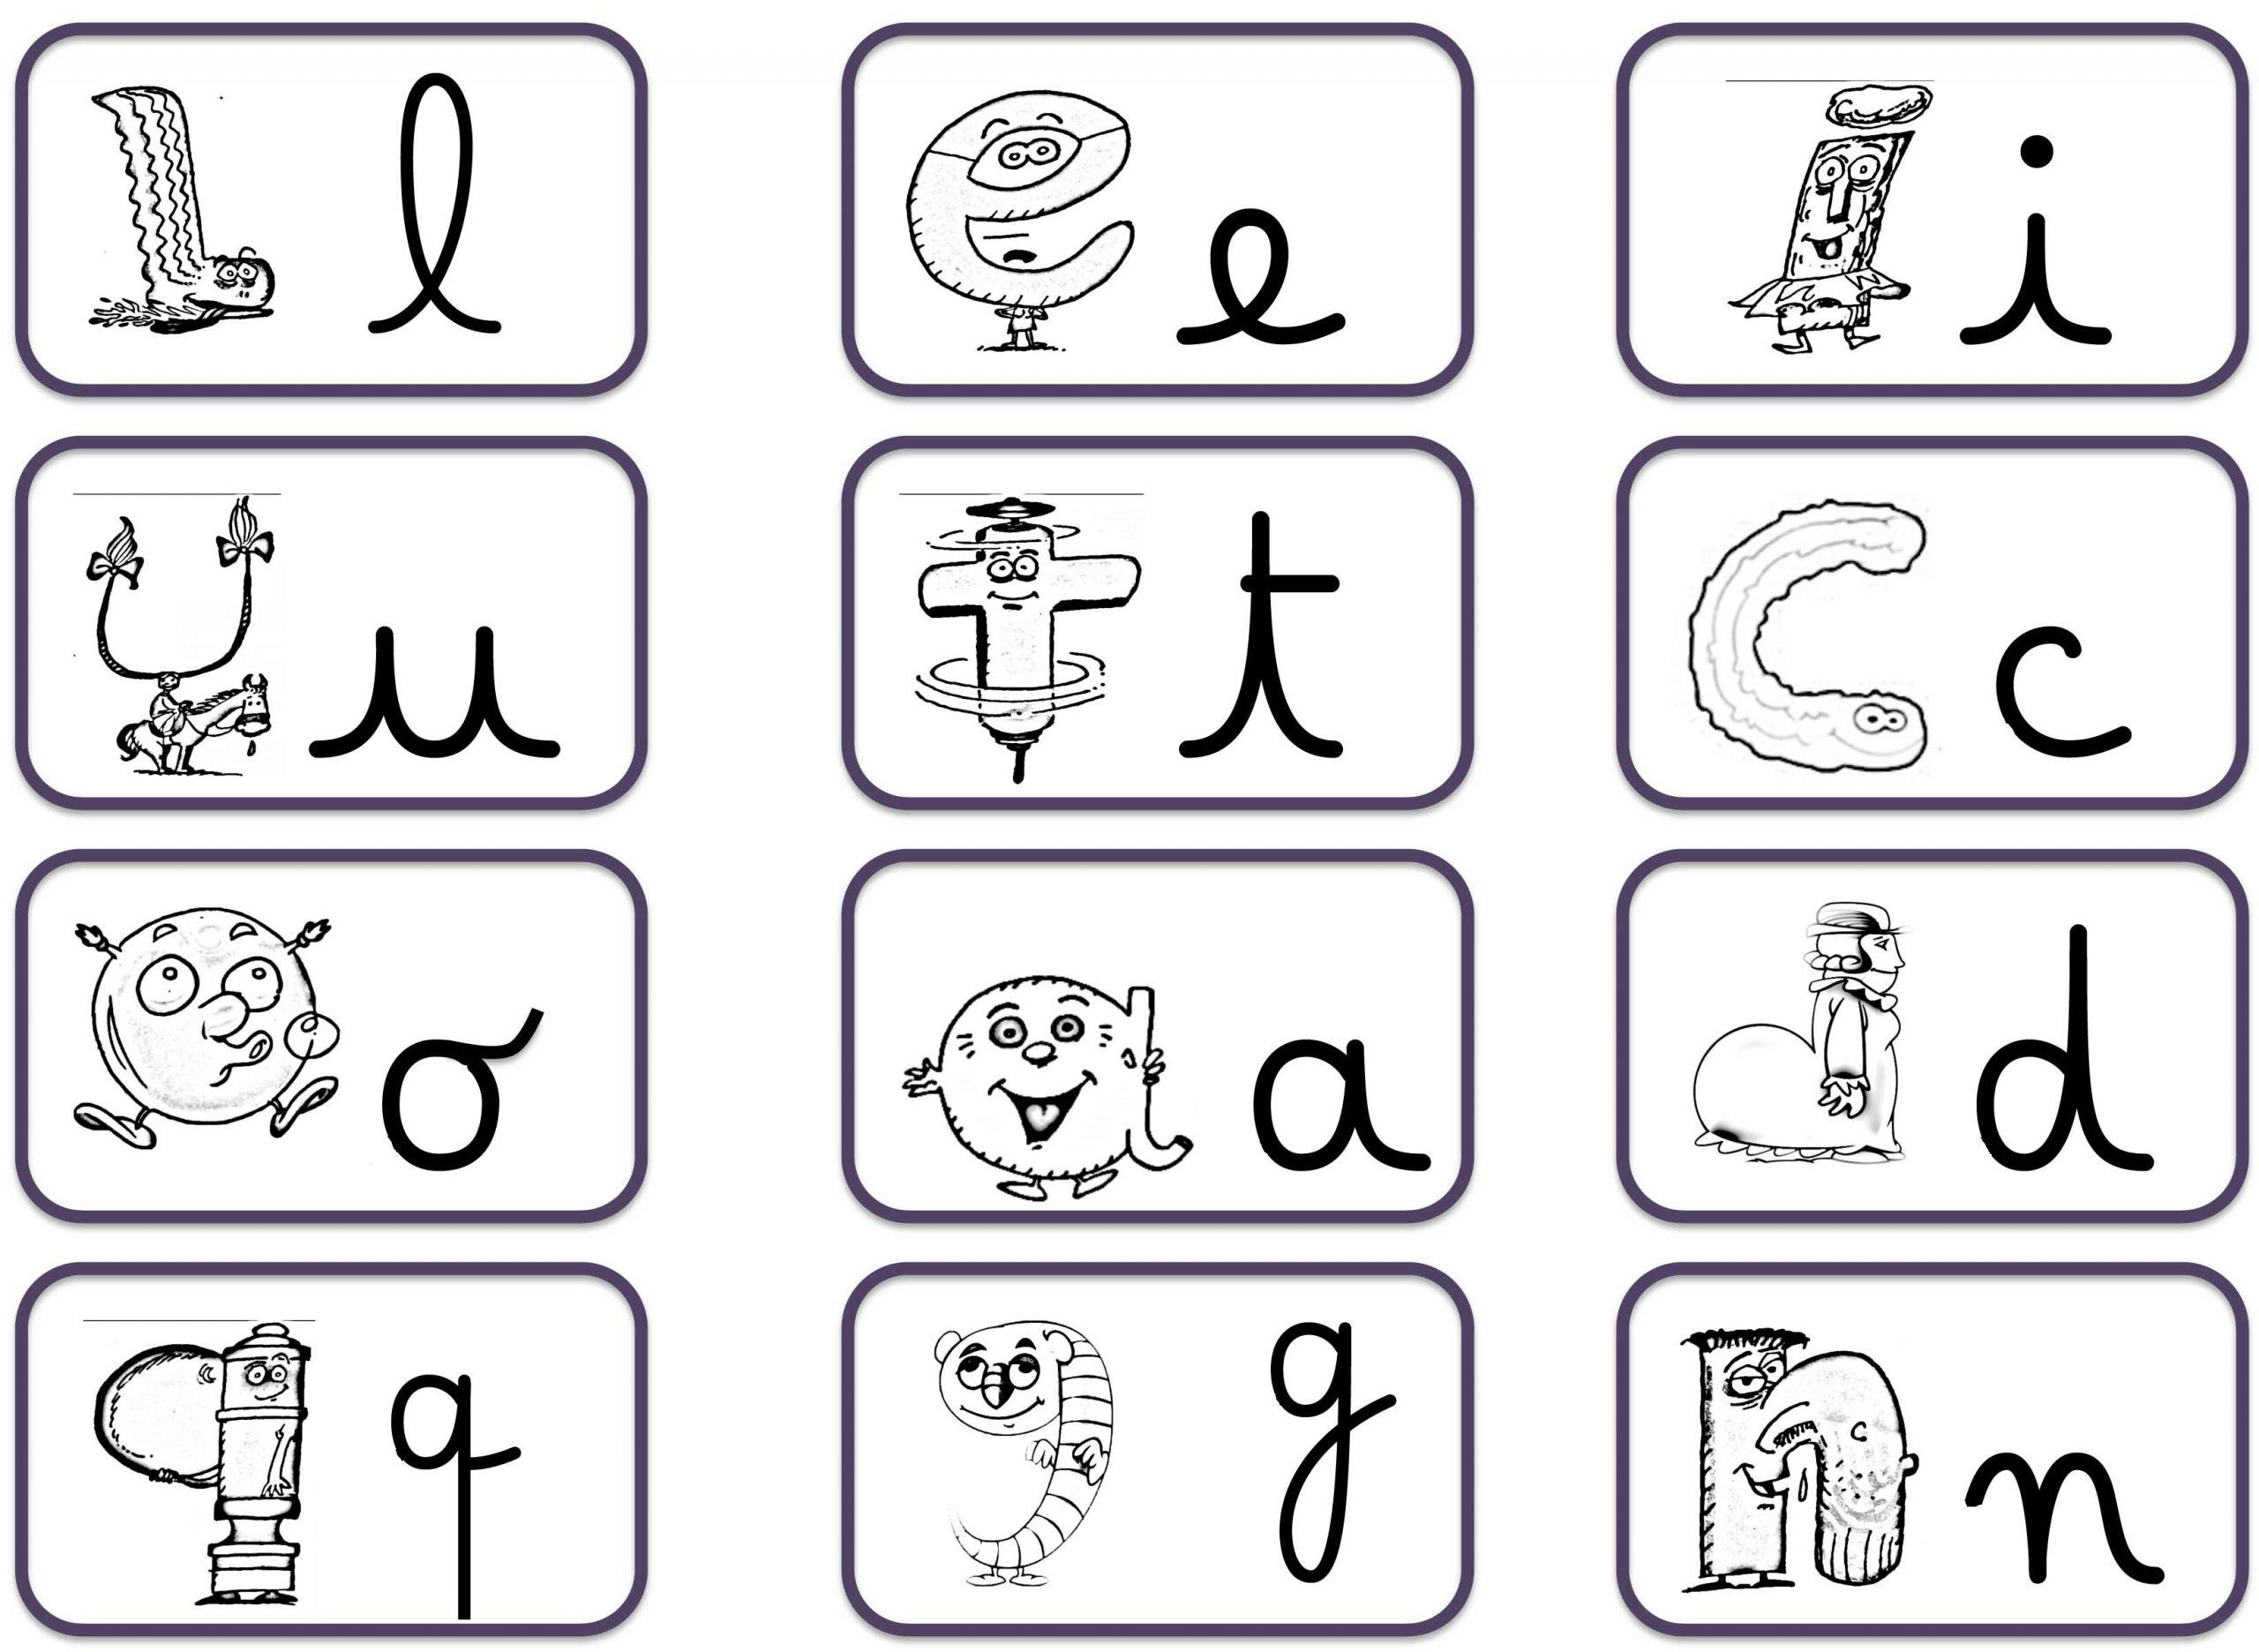 Graphisme - La Classe De Luccia ! dedans Exercice De Graphisme Petite Section A Imprimer